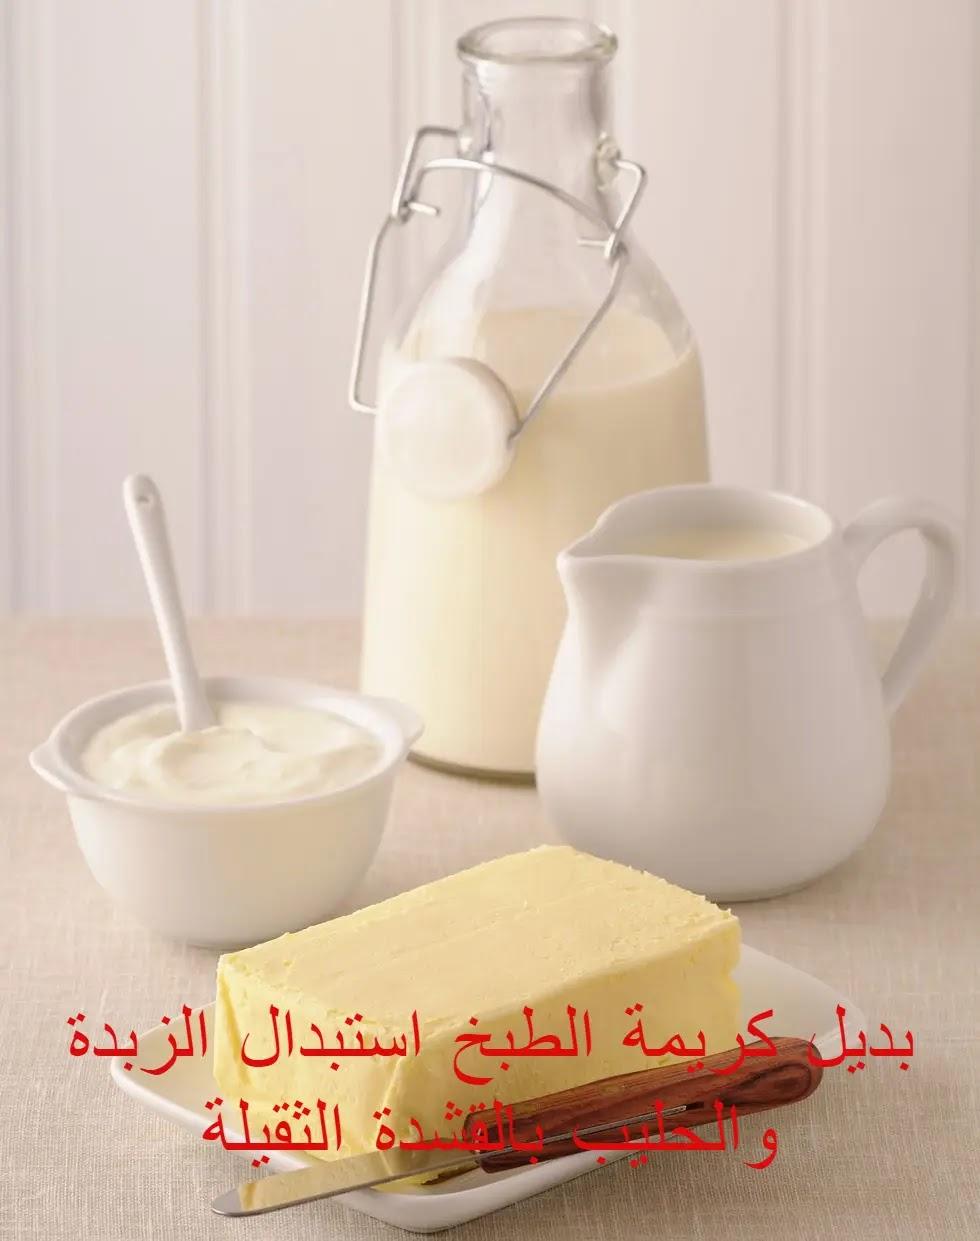 بديل كريمة الطبخ استبدال الزبدة والحليب بالقشدة الثقيلة